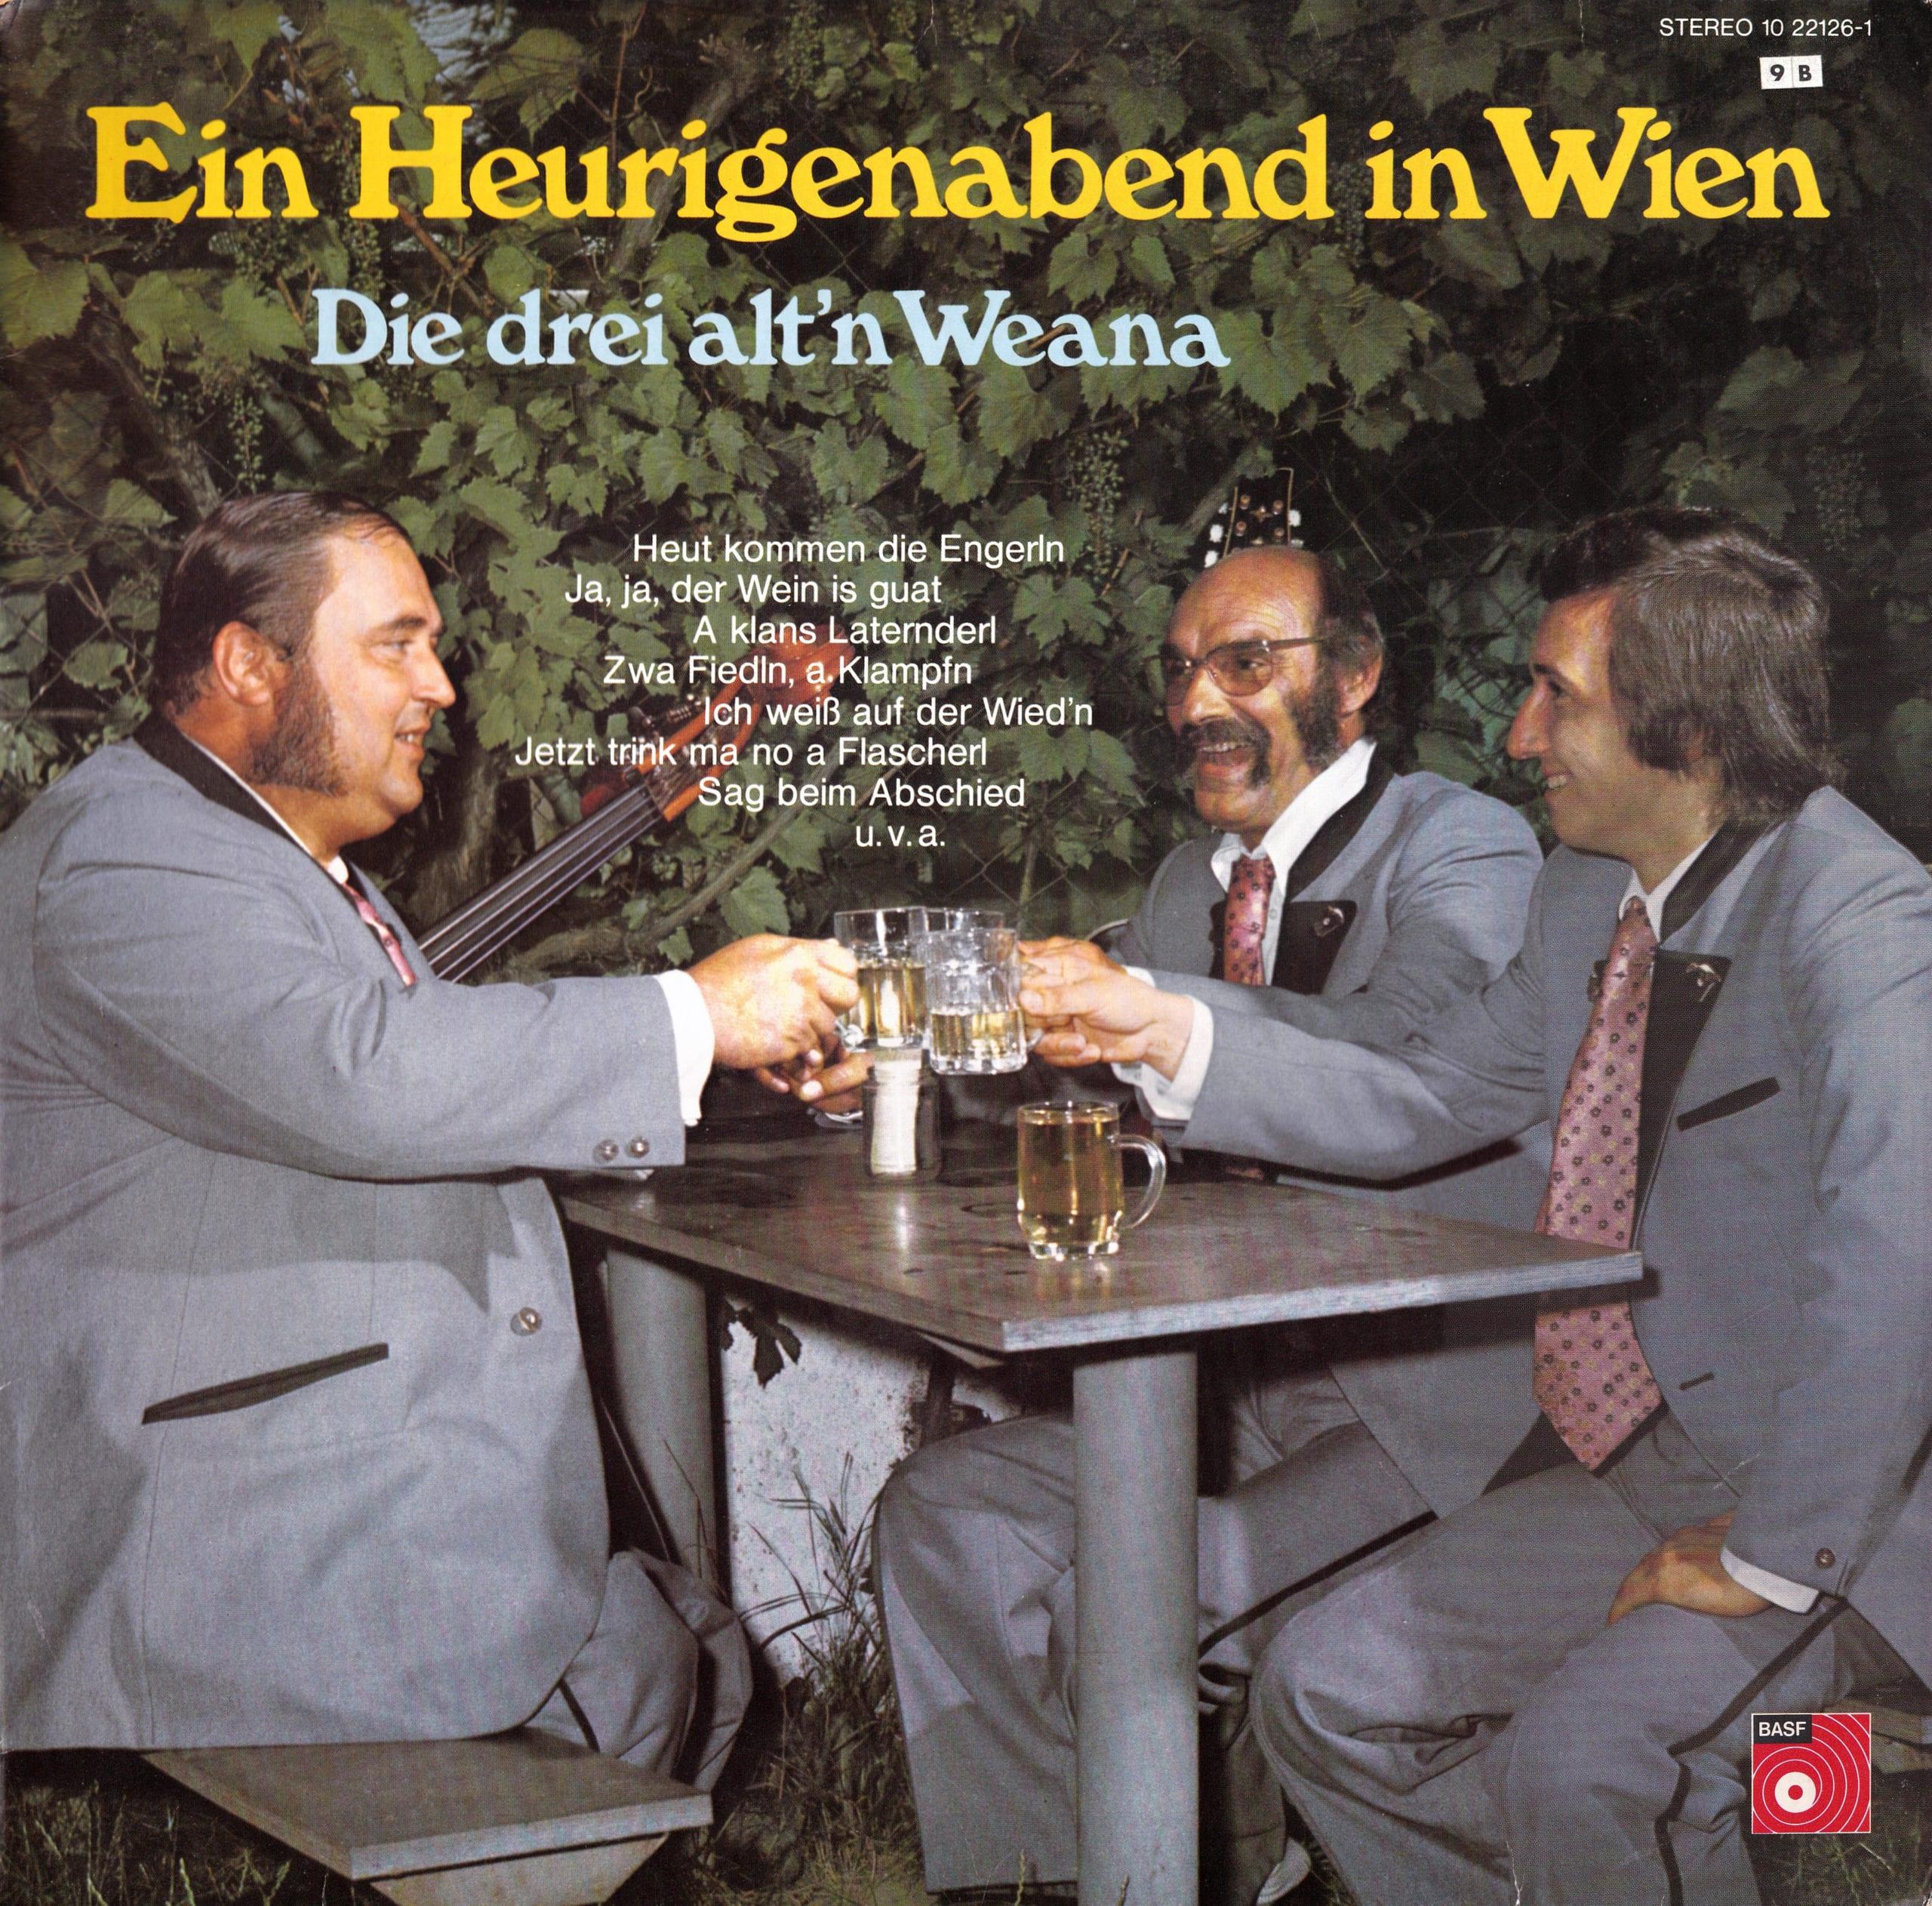 Ein Heurigenabend in Wien – 1